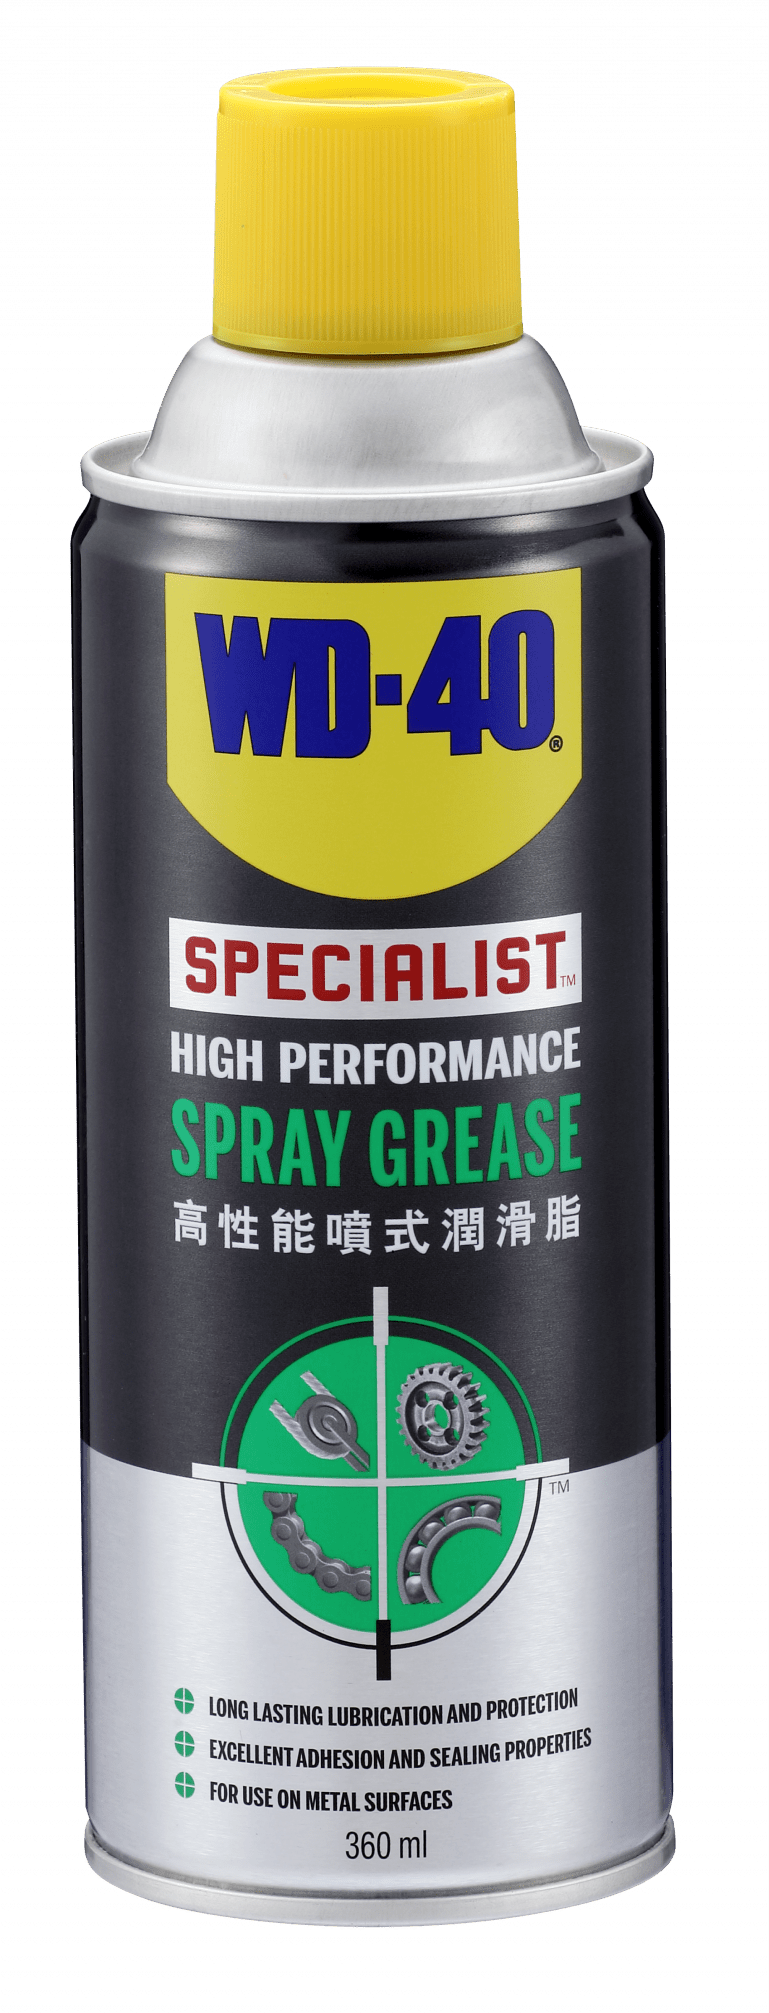 industrial_-spraygreaser-e1557844979412-768x2108-e1579594256199